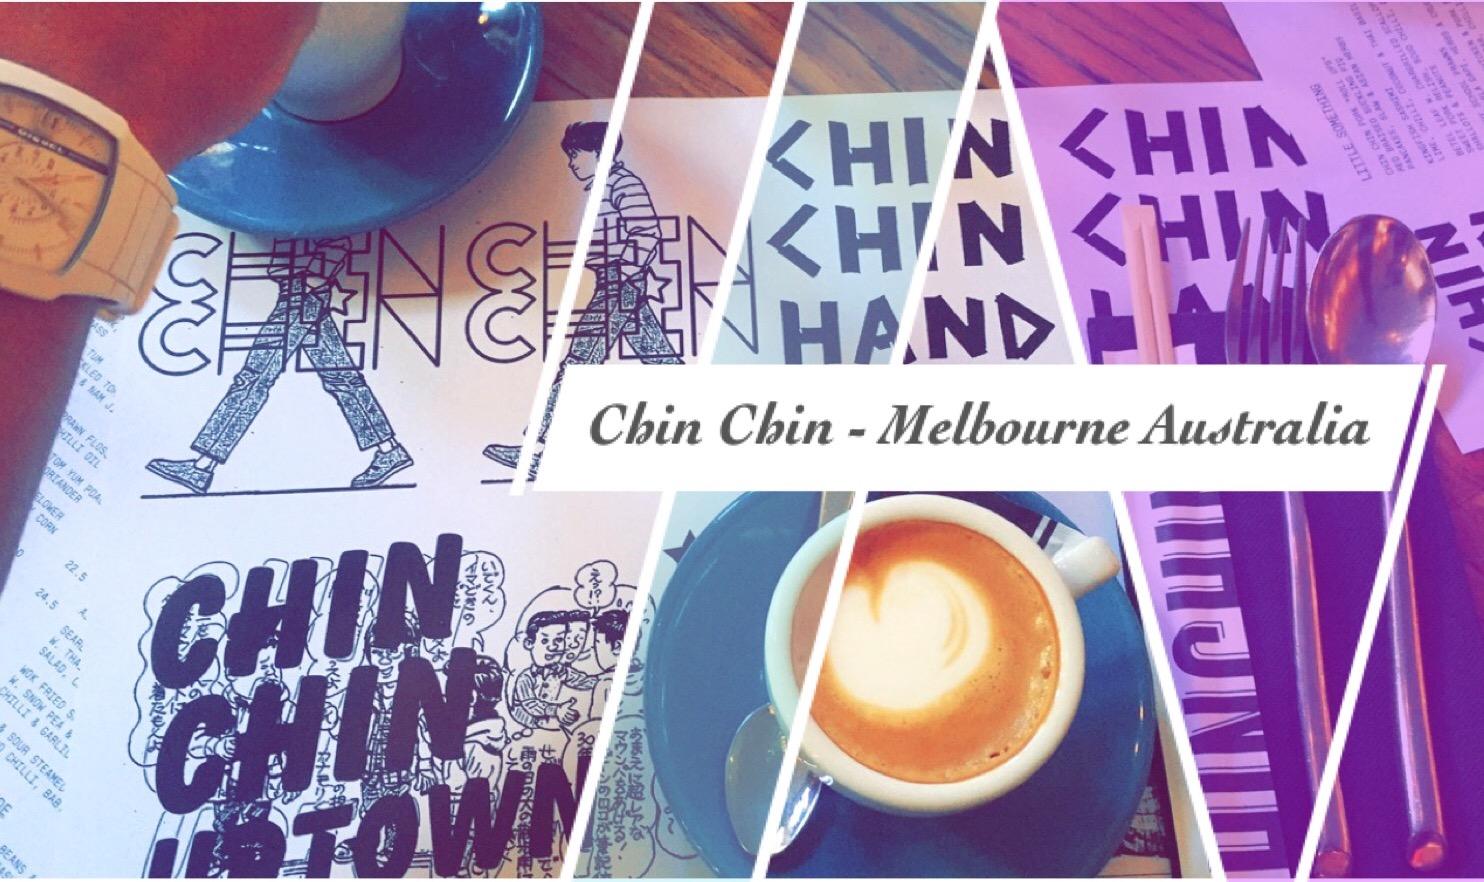 Chin Chin Melbourne Australia